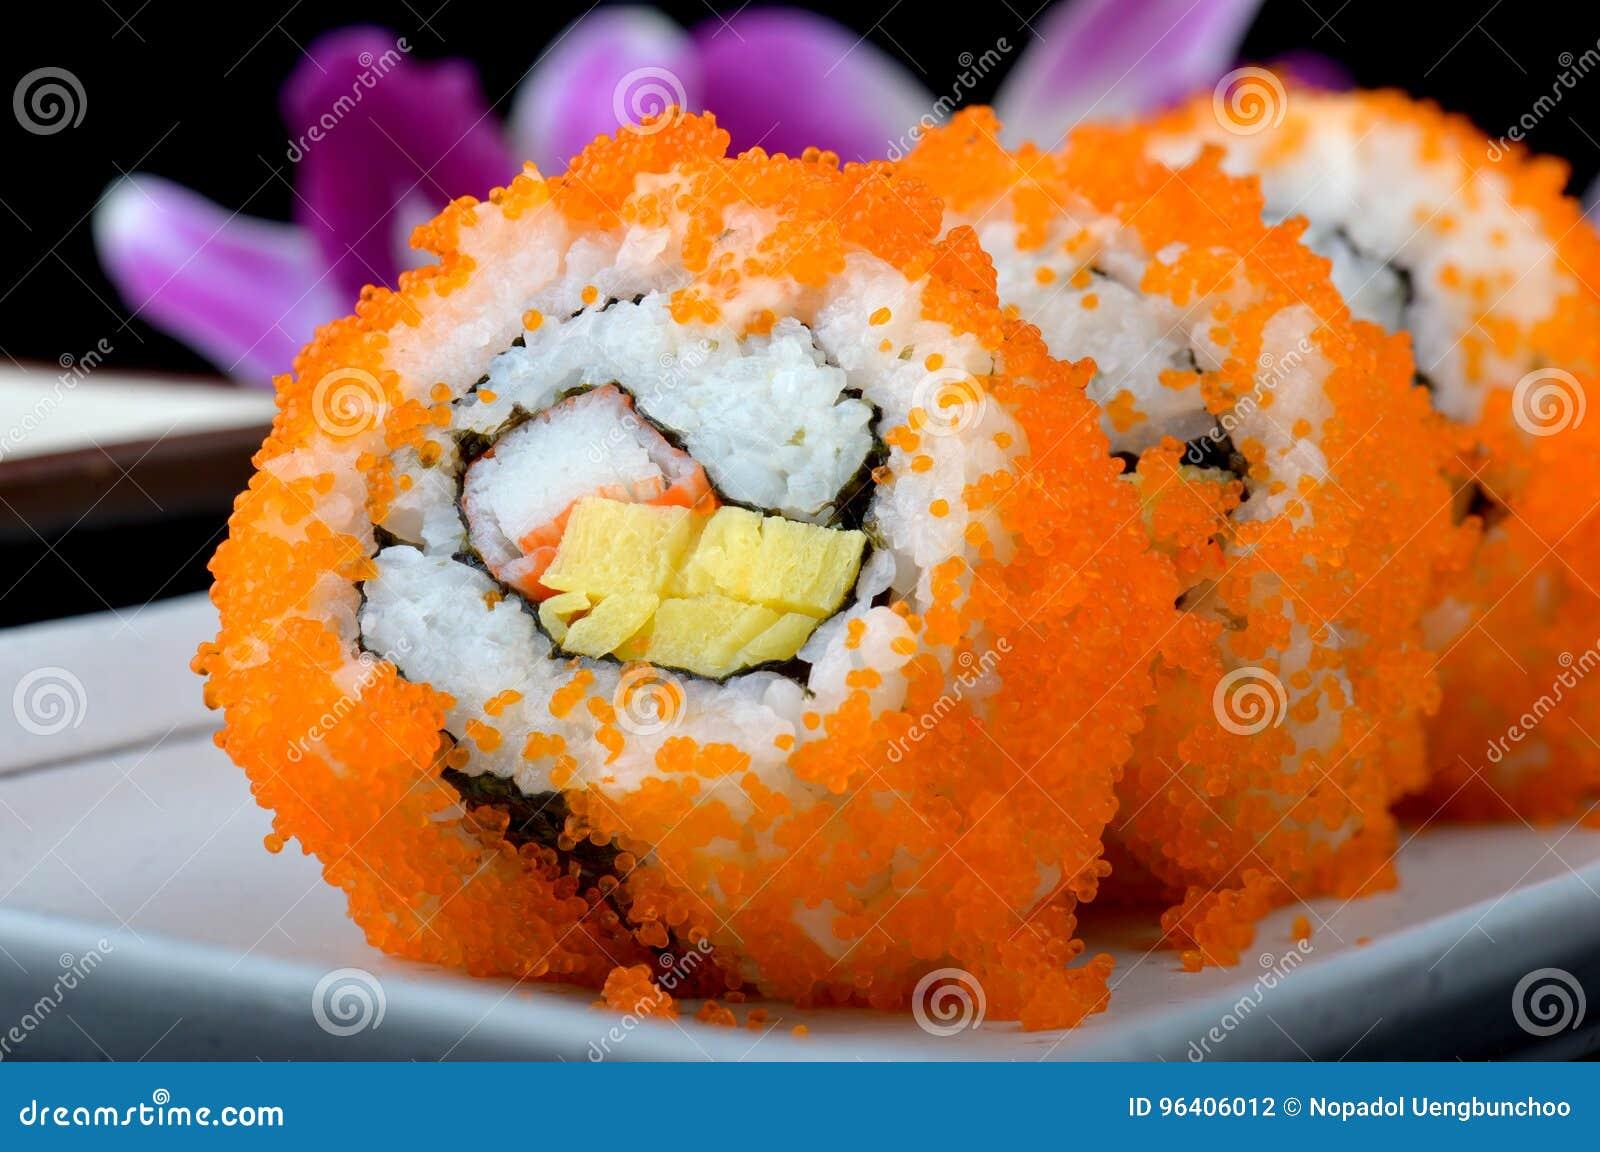 Kalifornien-Rolle oder japanische Sushirolle